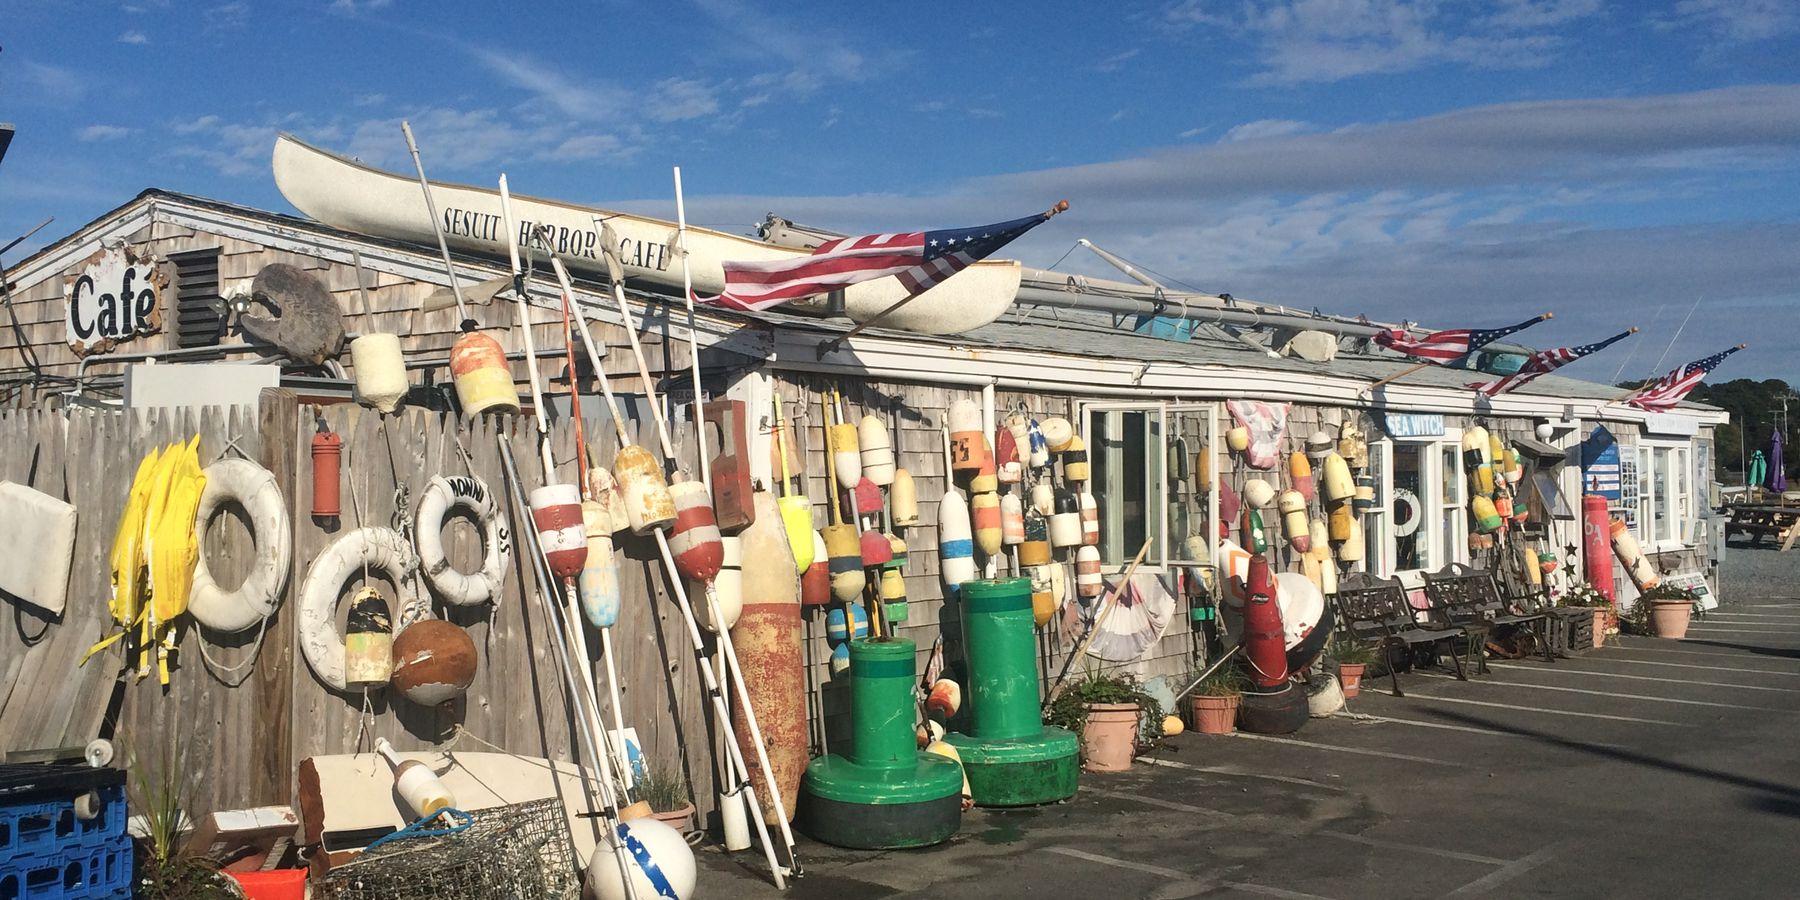 Sesuit Harbor Café - Cape Cod - Massachusetts - Doets Reizen